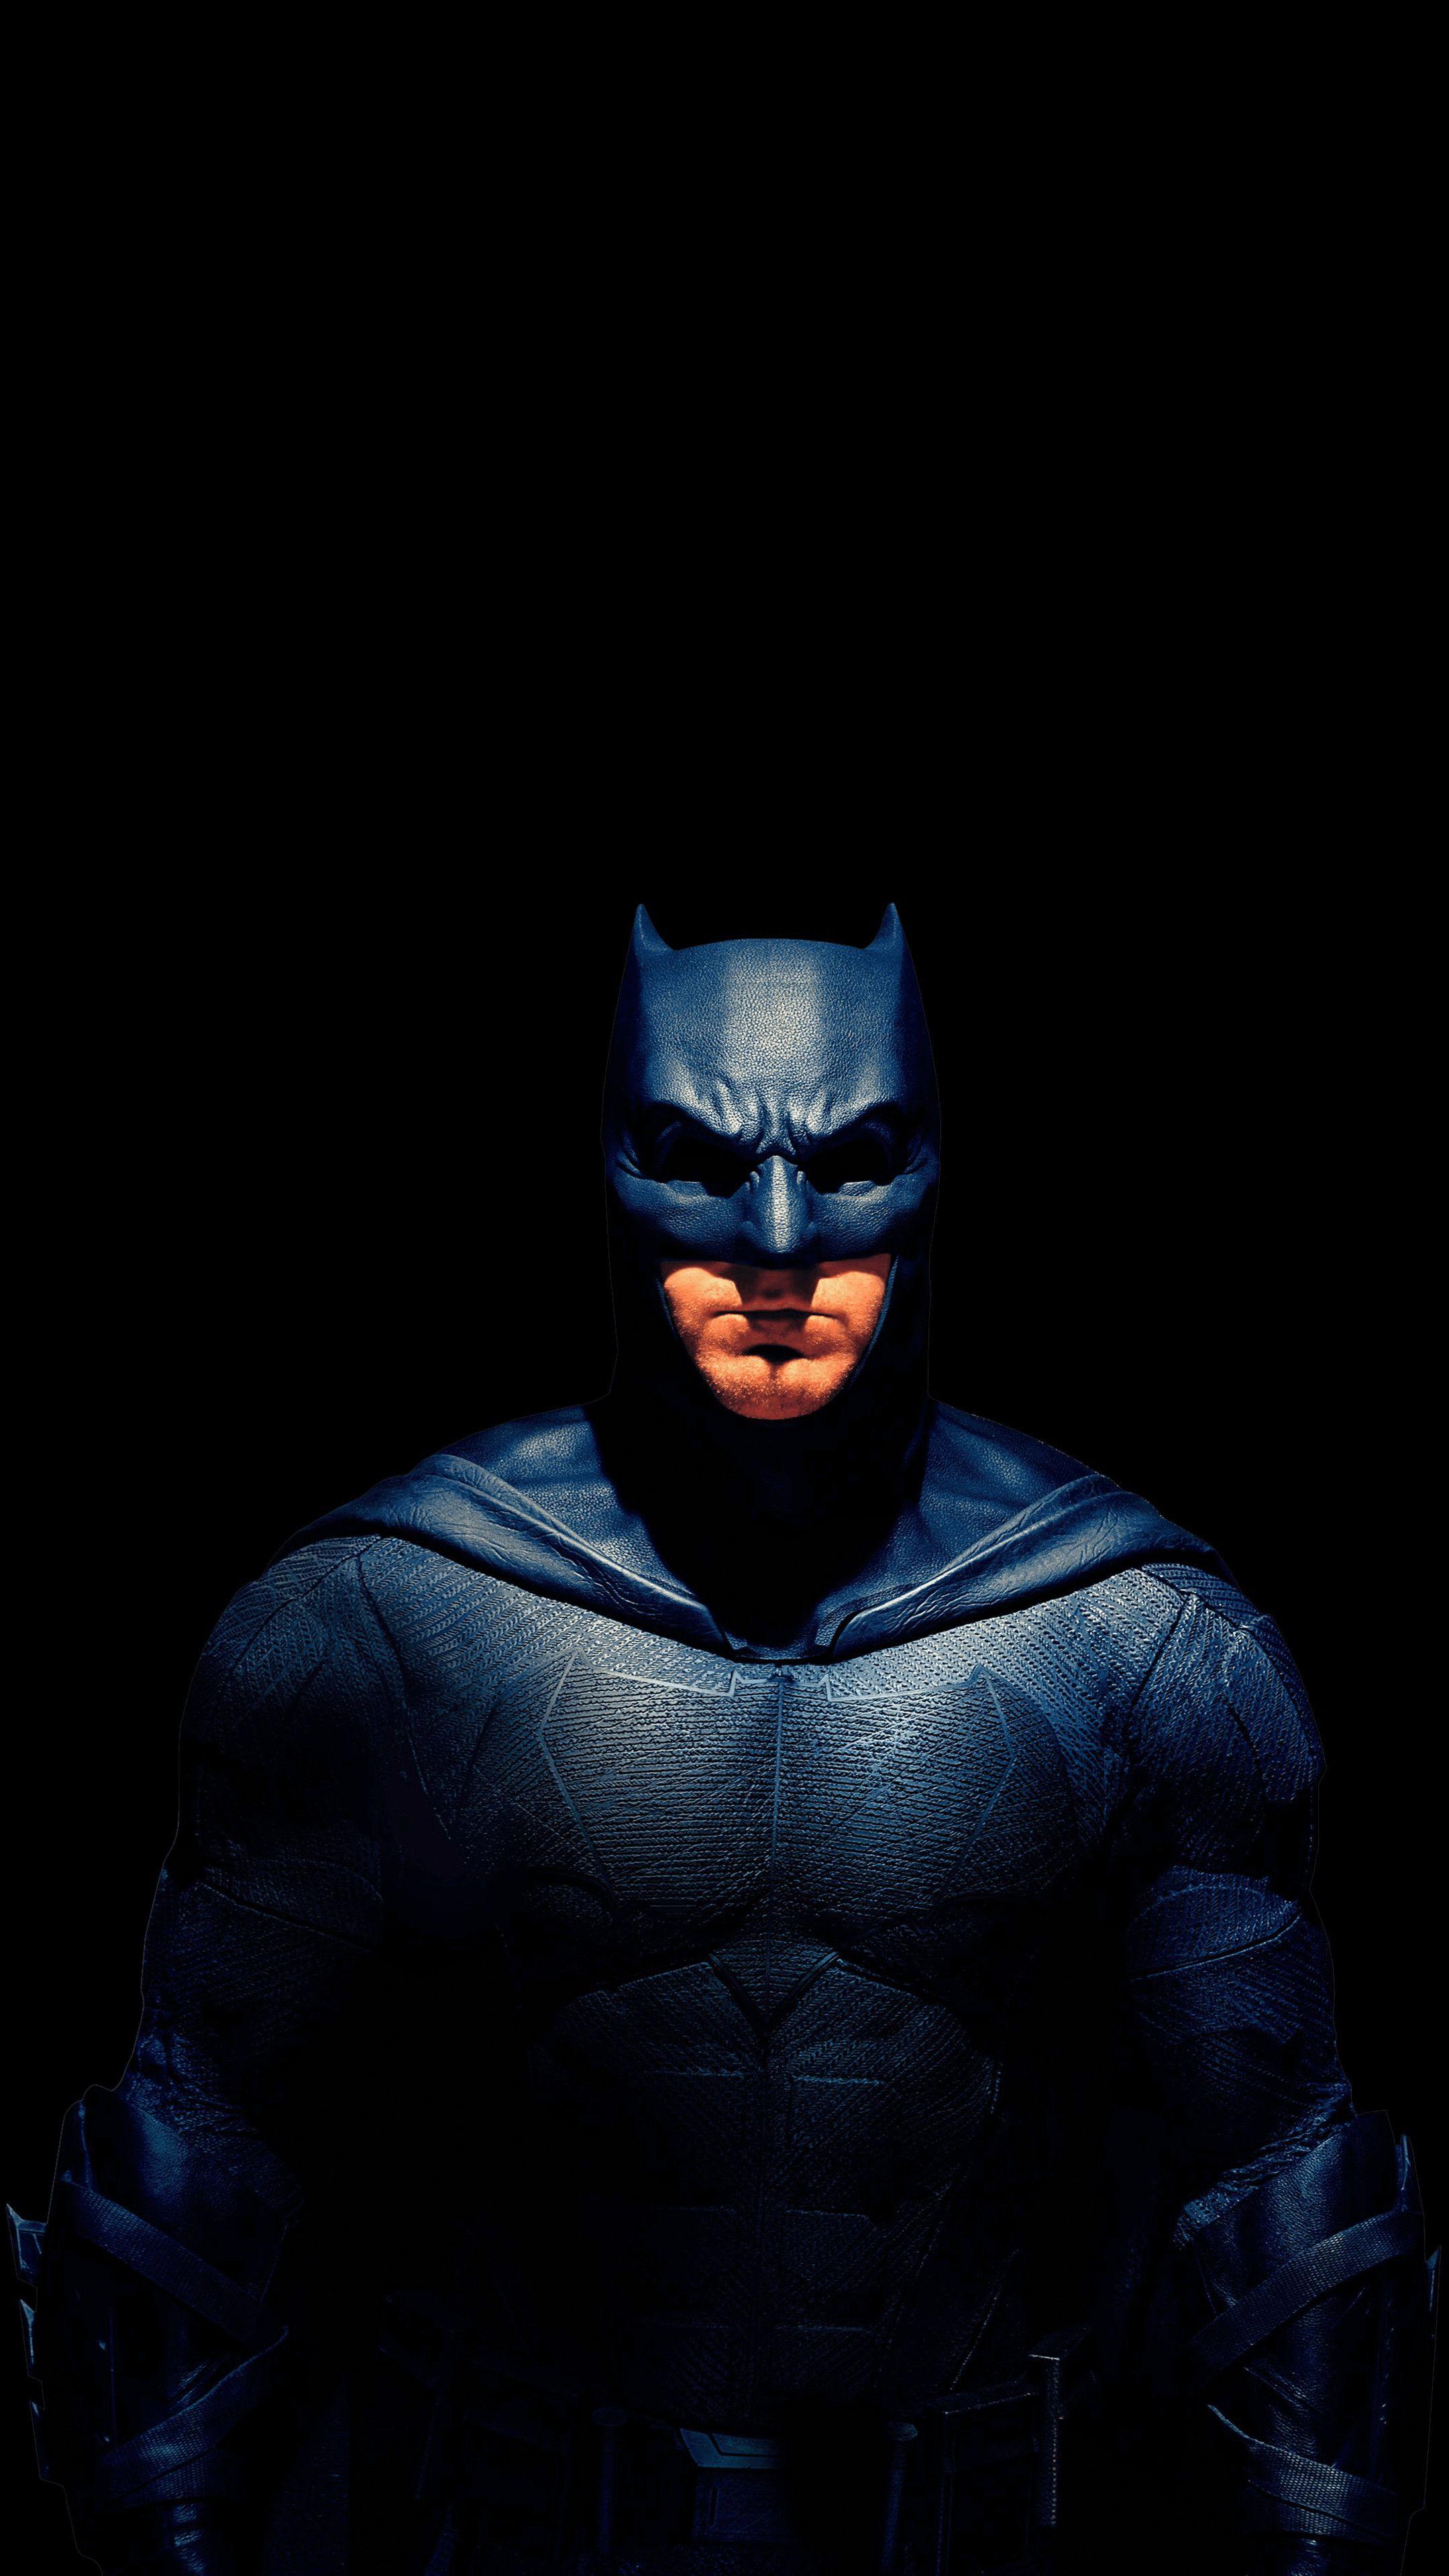 Batman wallpaper, Batman ...